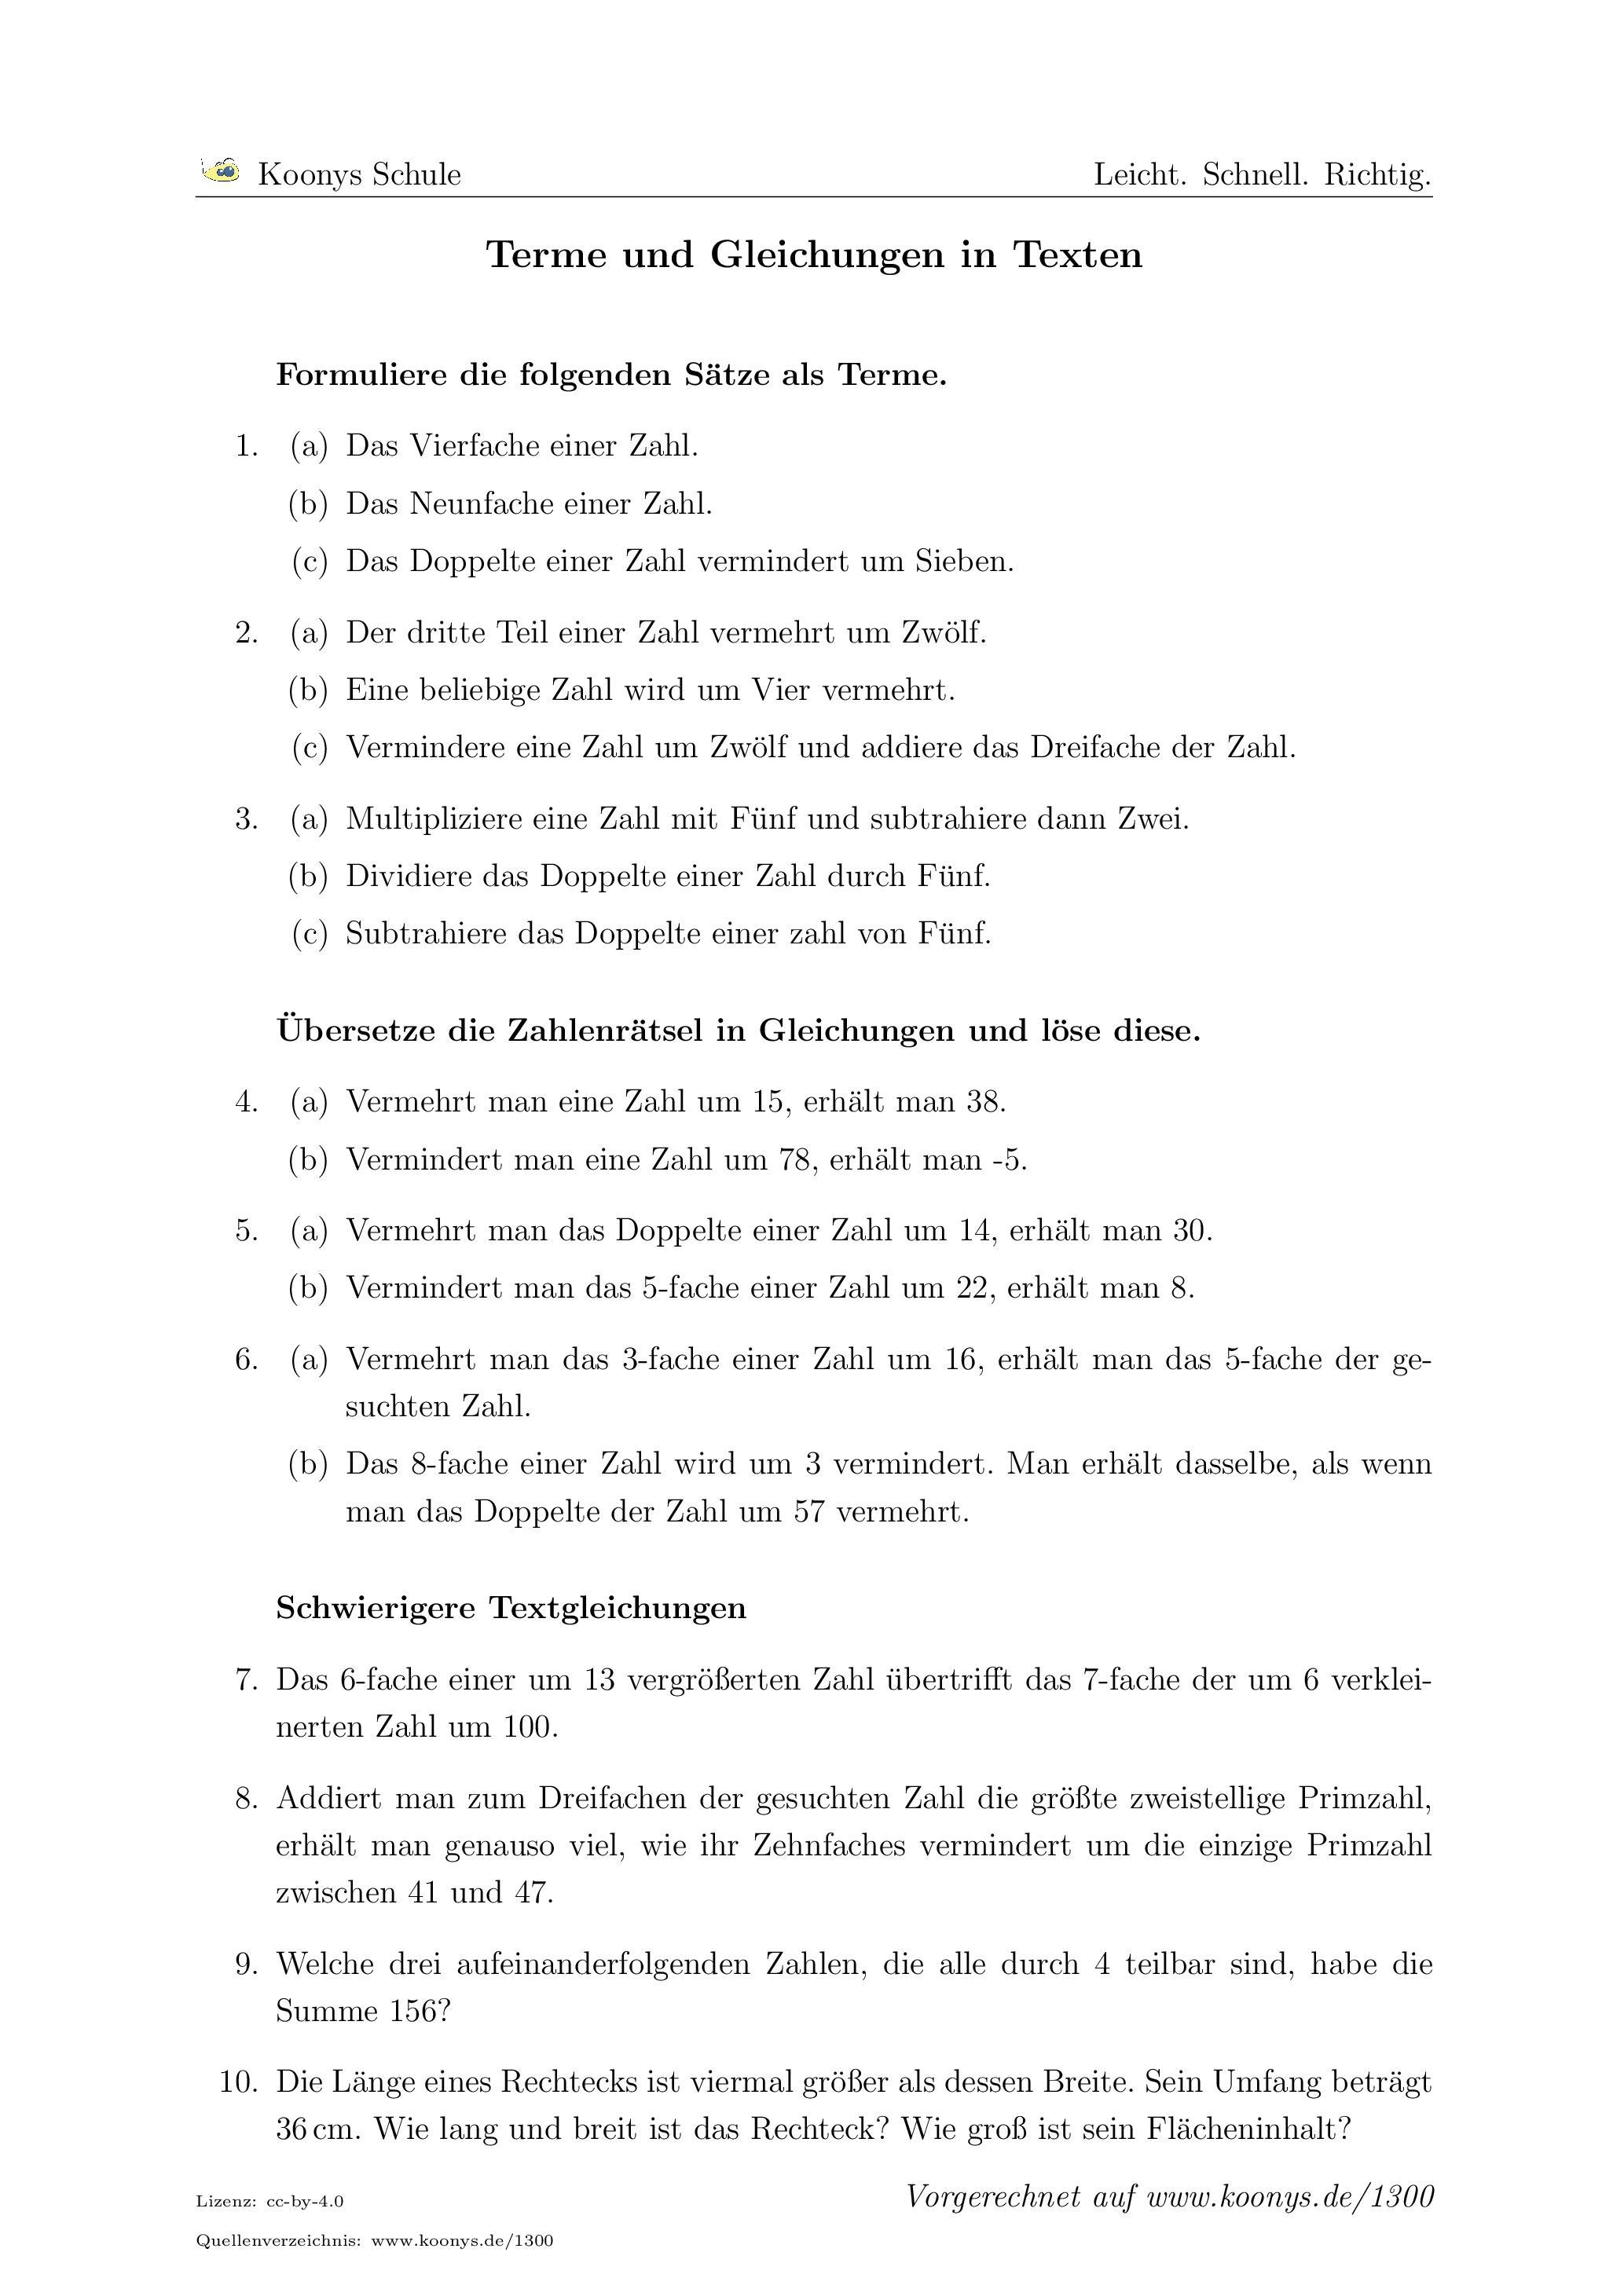 aufgaben terme und gleichungen in texten mit l sungen koonys schule 1300. Black Bedroom Furniture Sets. Home Design Ideas